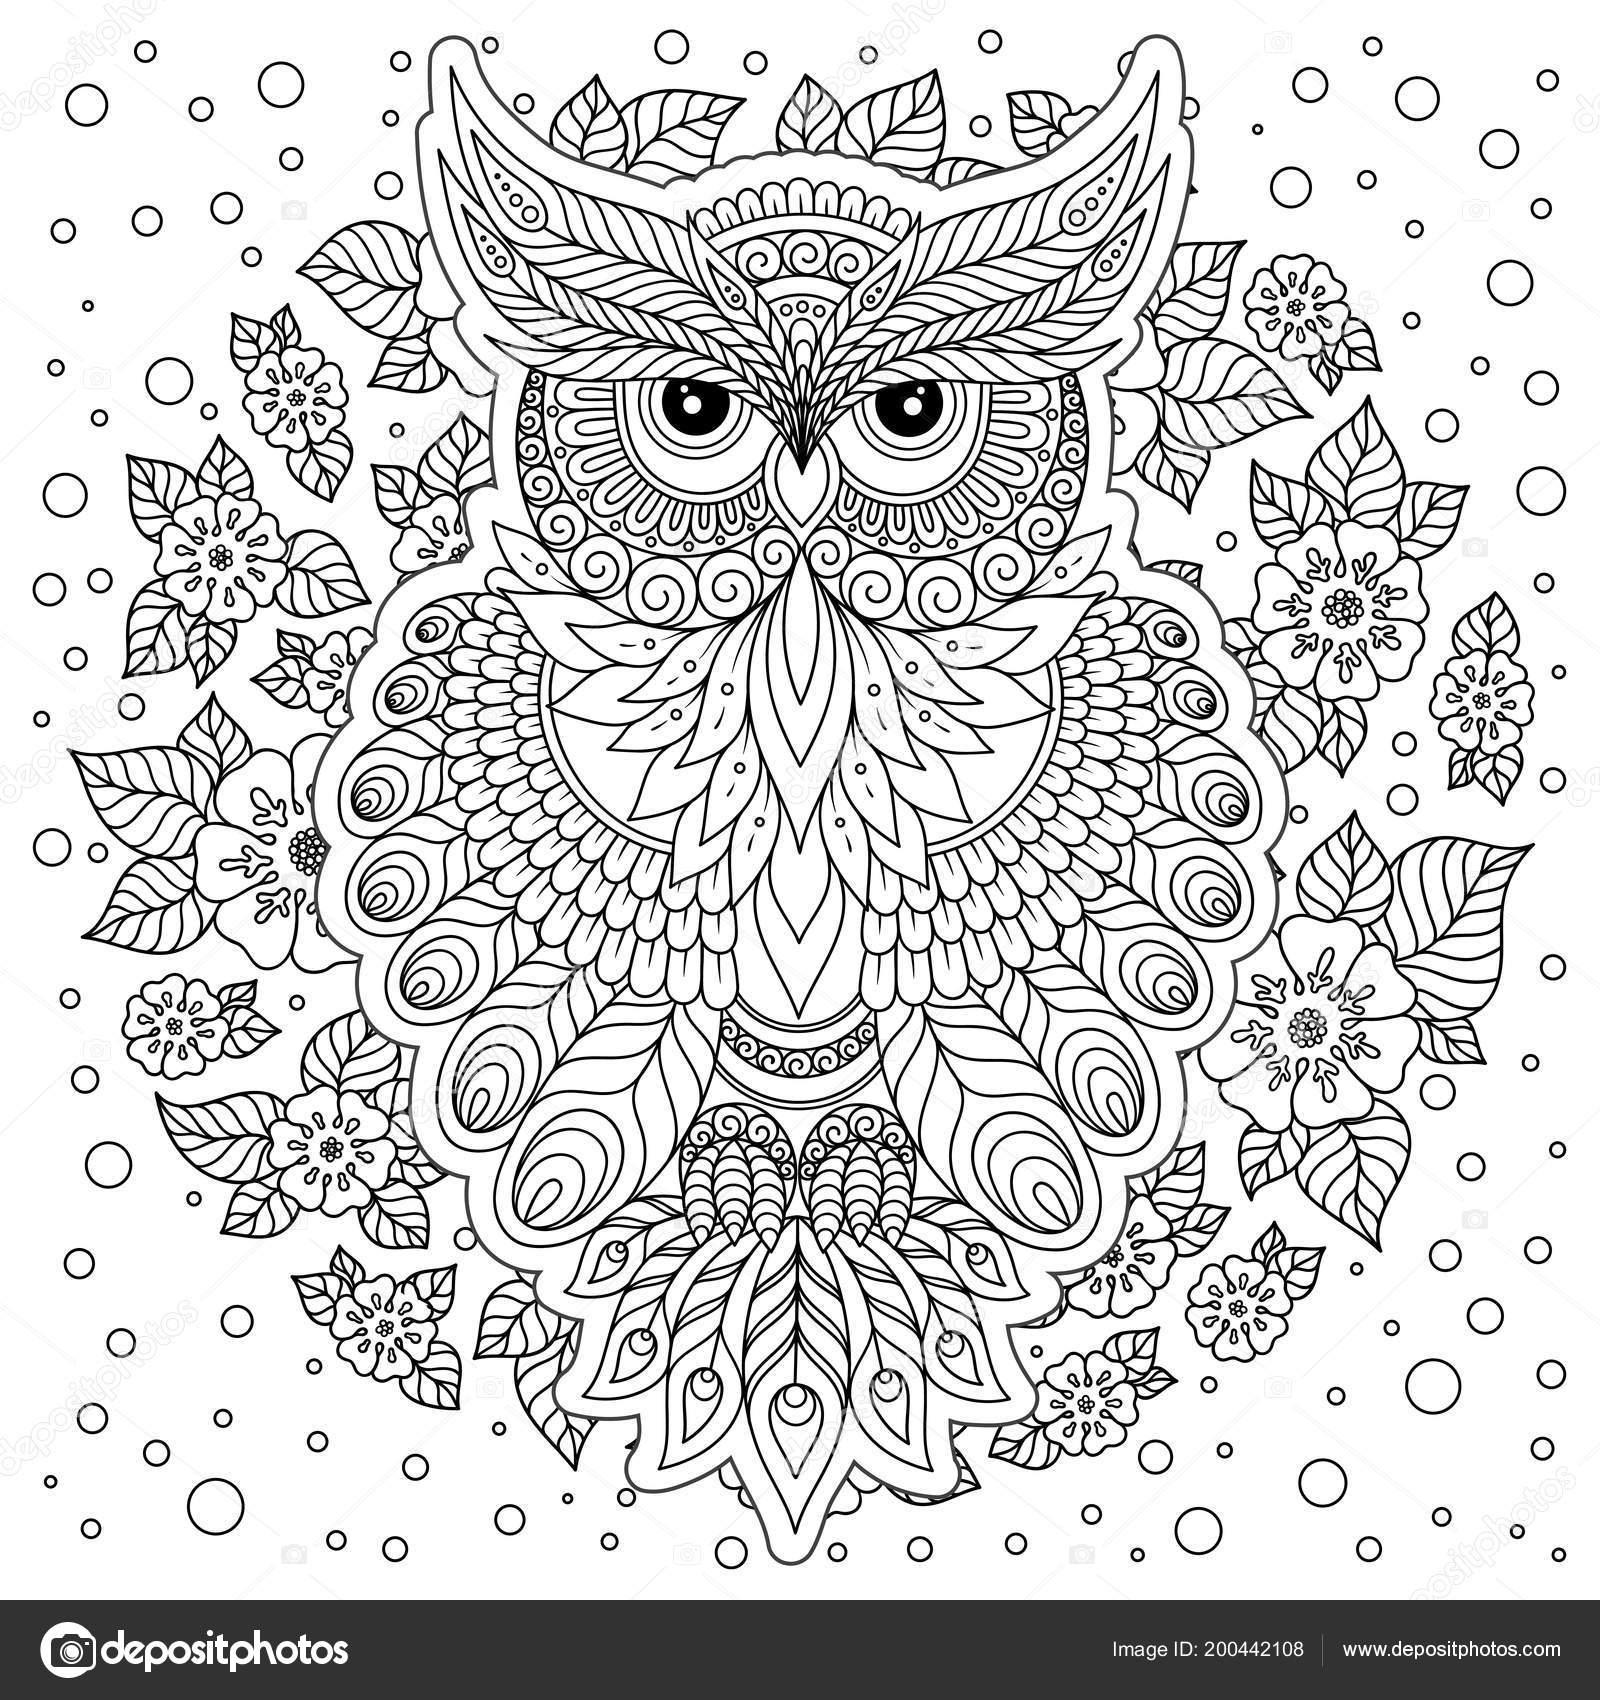 Volwassen Kleurplaten Uil.Kleurboek Voor Volwassenen Oudere Kinderen Kleurplaat Met